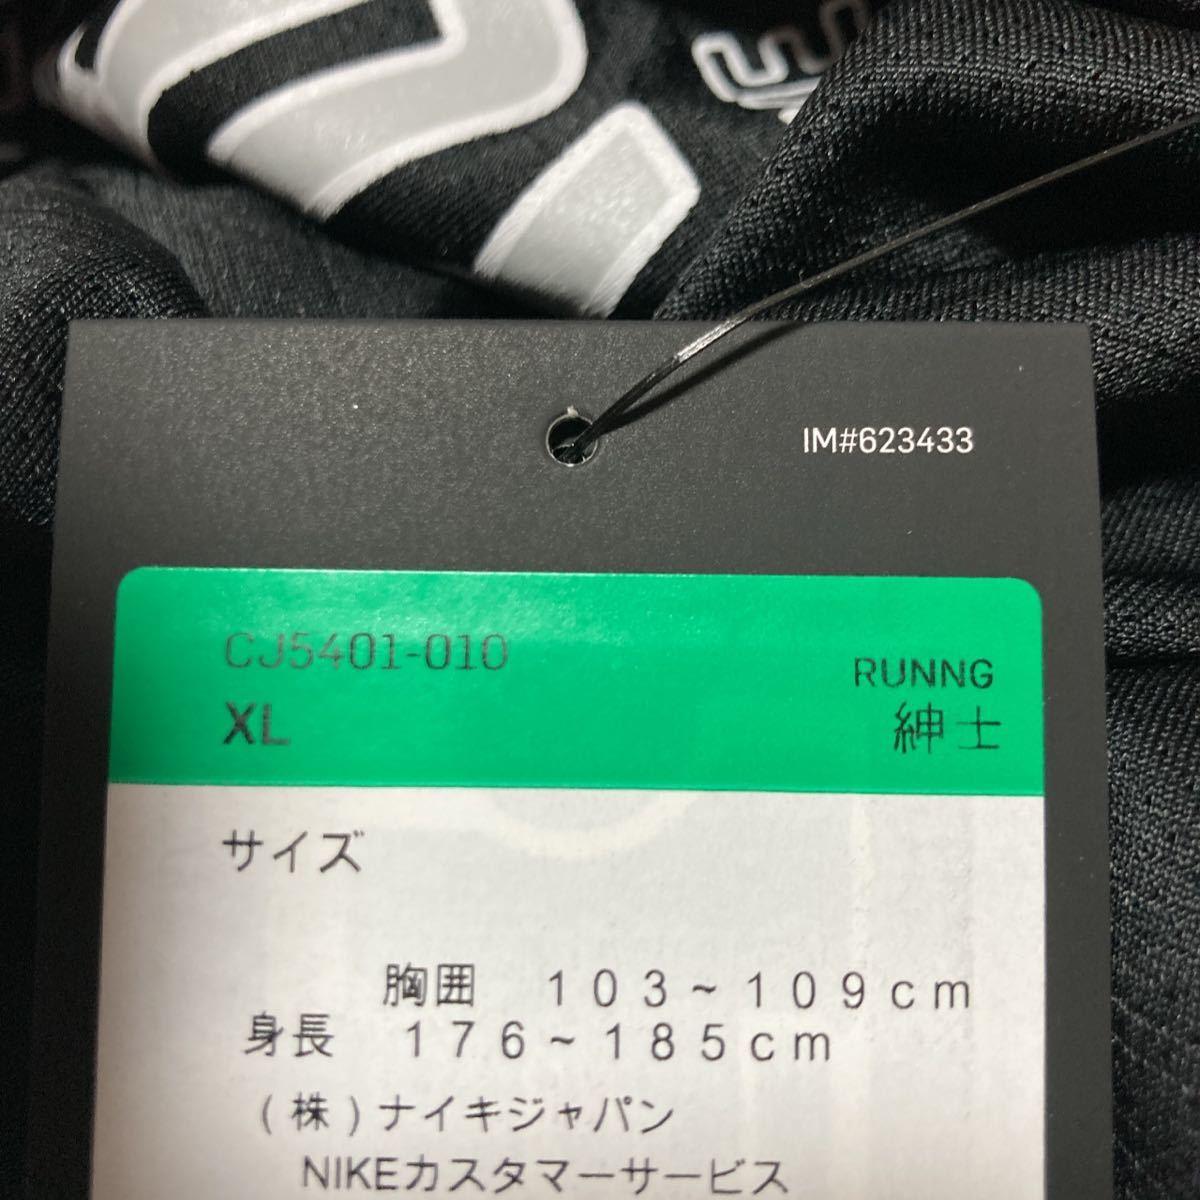 NIKE ランニングタンクトップ メンズ ブラック 新品未使用XL